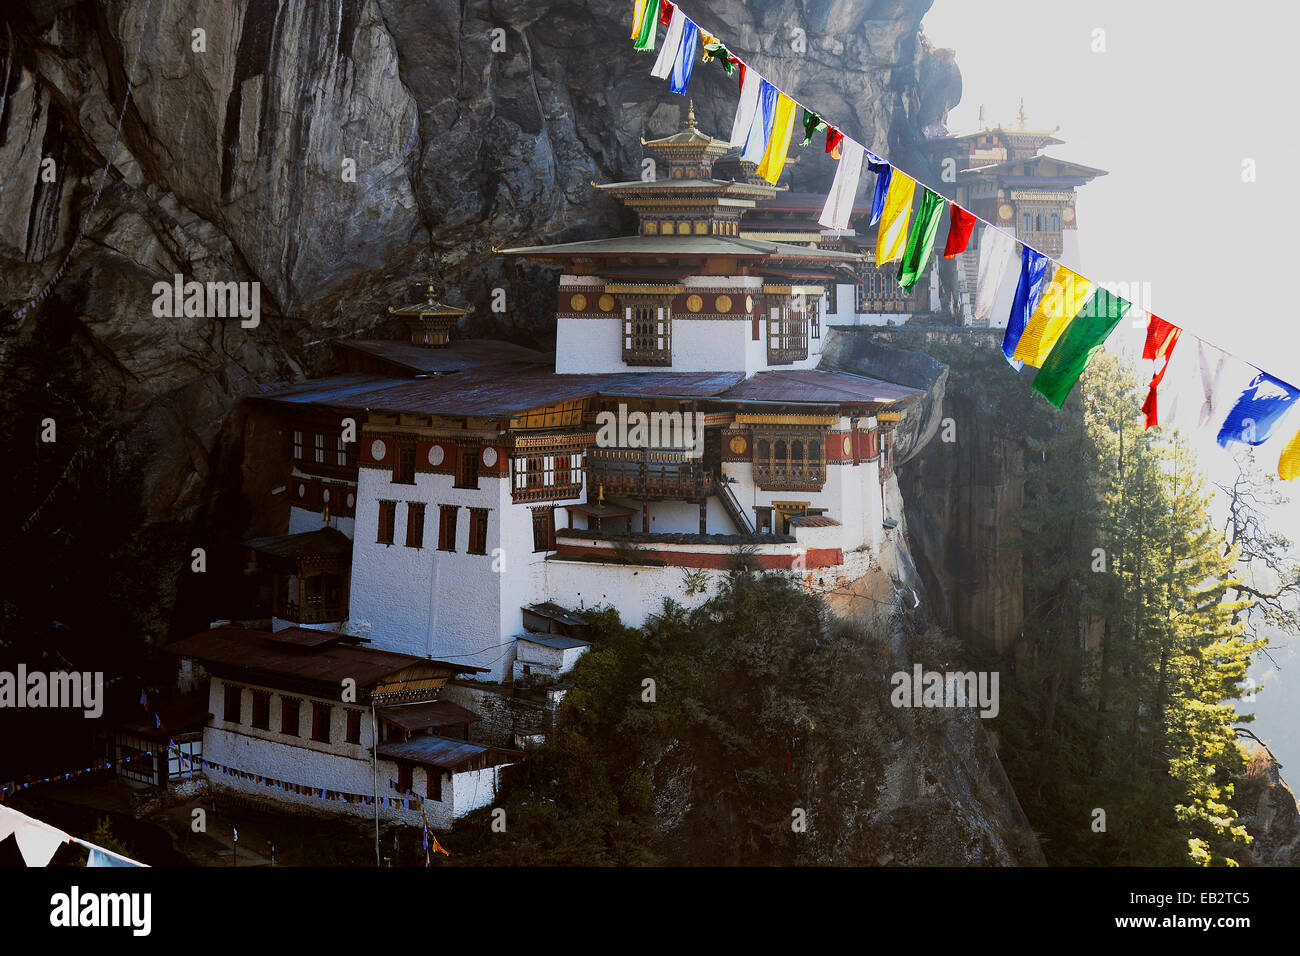 Monastère et temple d'Taktshang-Lhakang, aussi appelé le 'Tiger's Lair', la vallée de Paro, Bhoutan, district de Paro Banque D'Images